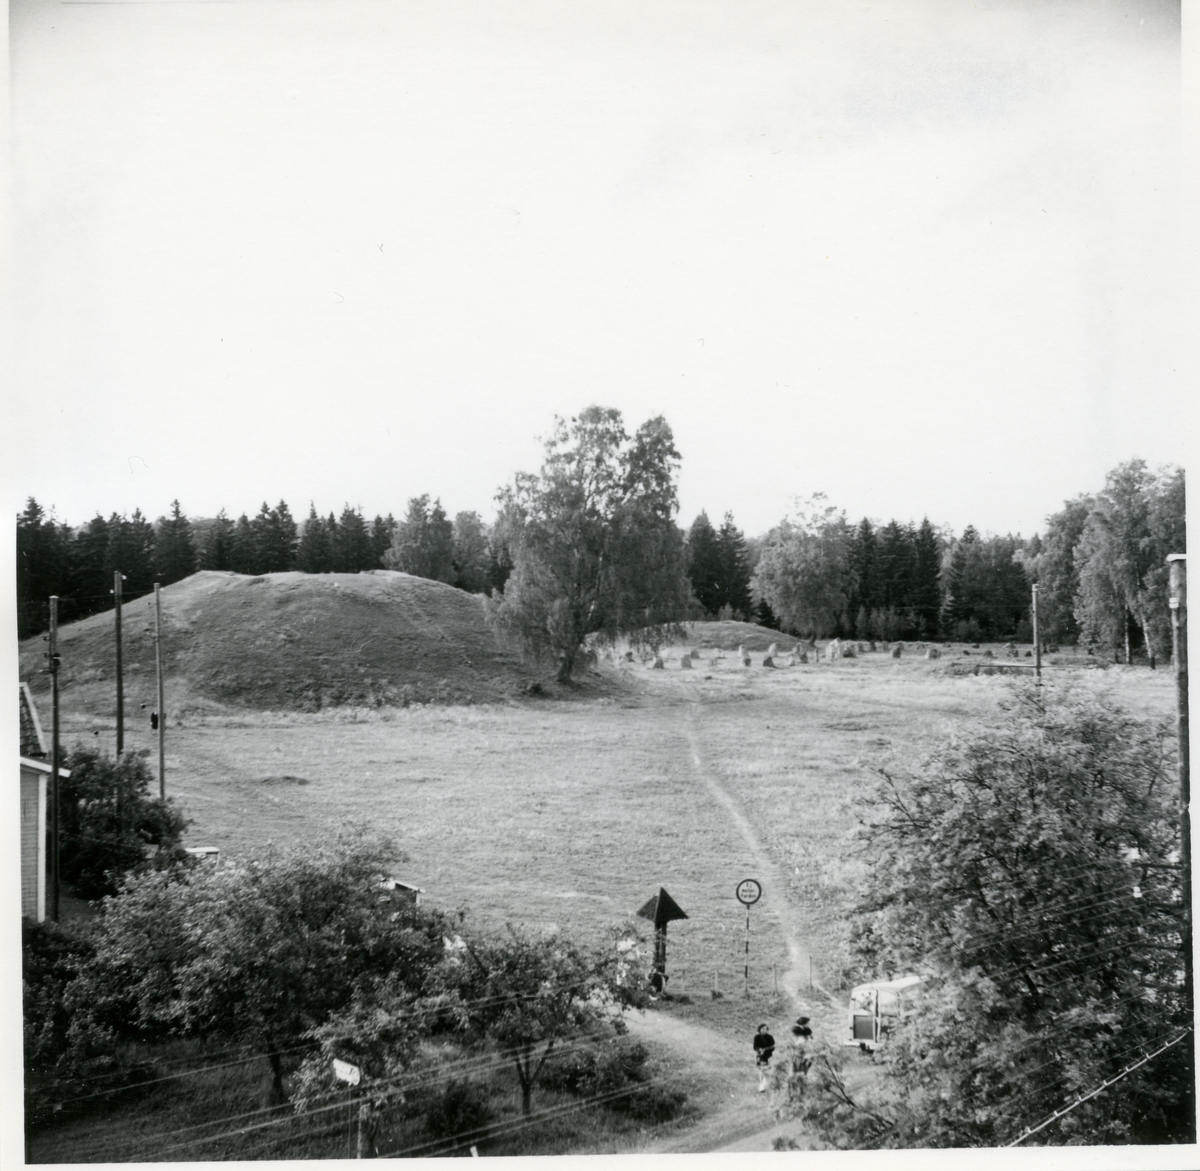 Badelunda sn, Anundshögsområdet, Långby. Anundshögsområdet taget uppifrån byggnad, med Anundshögen till vänster.